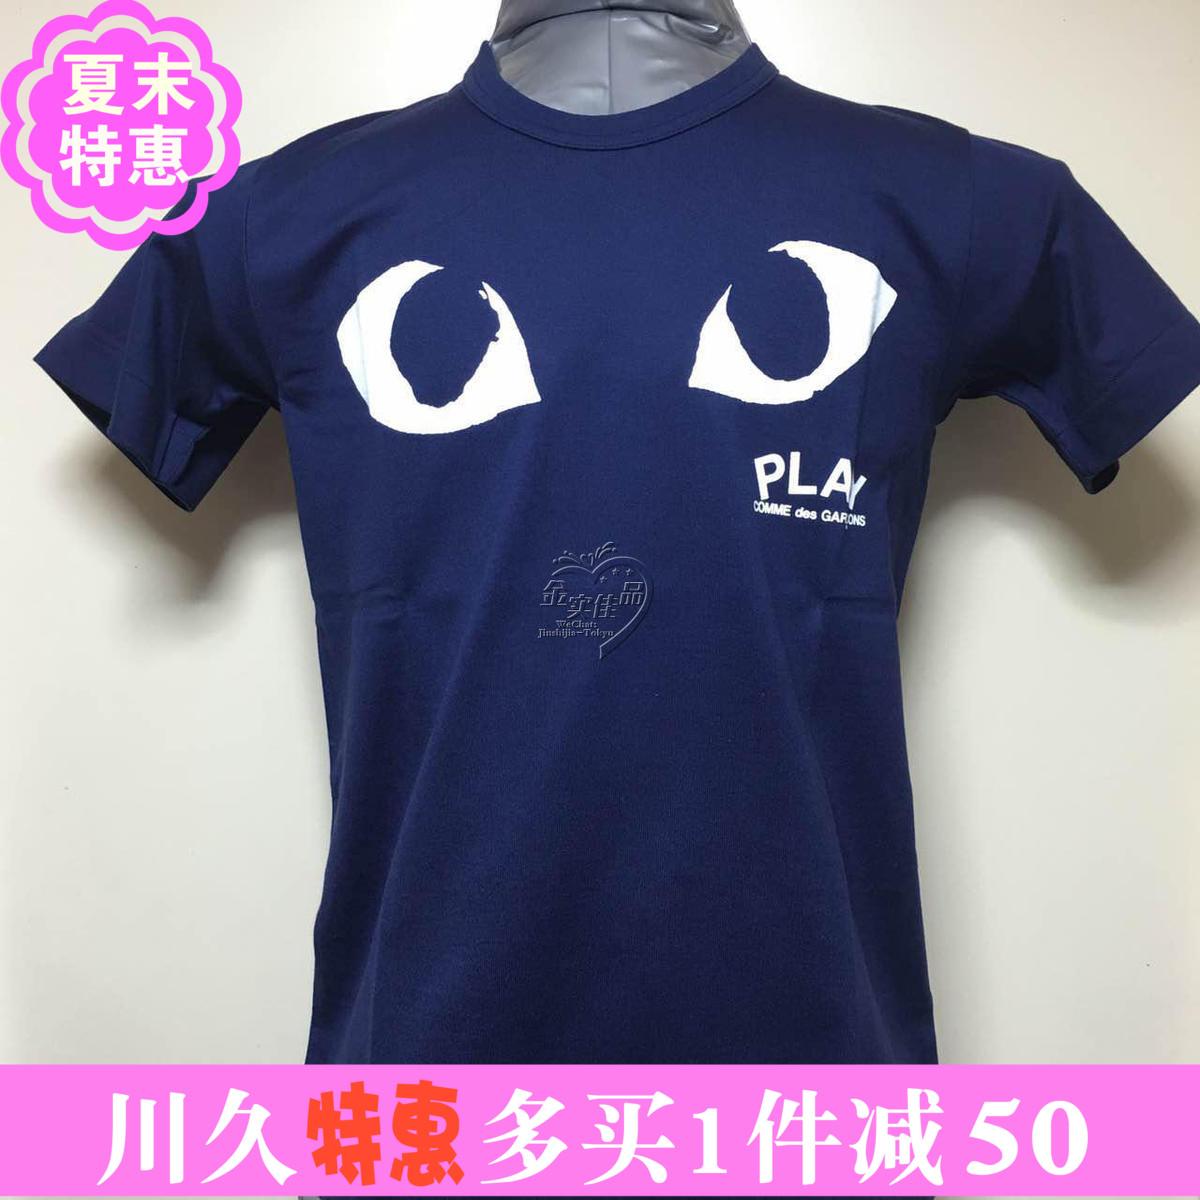 金实佳日本代购正品 CDG 川久保玲play 深蓝大眼睛 短袖T恤 男女